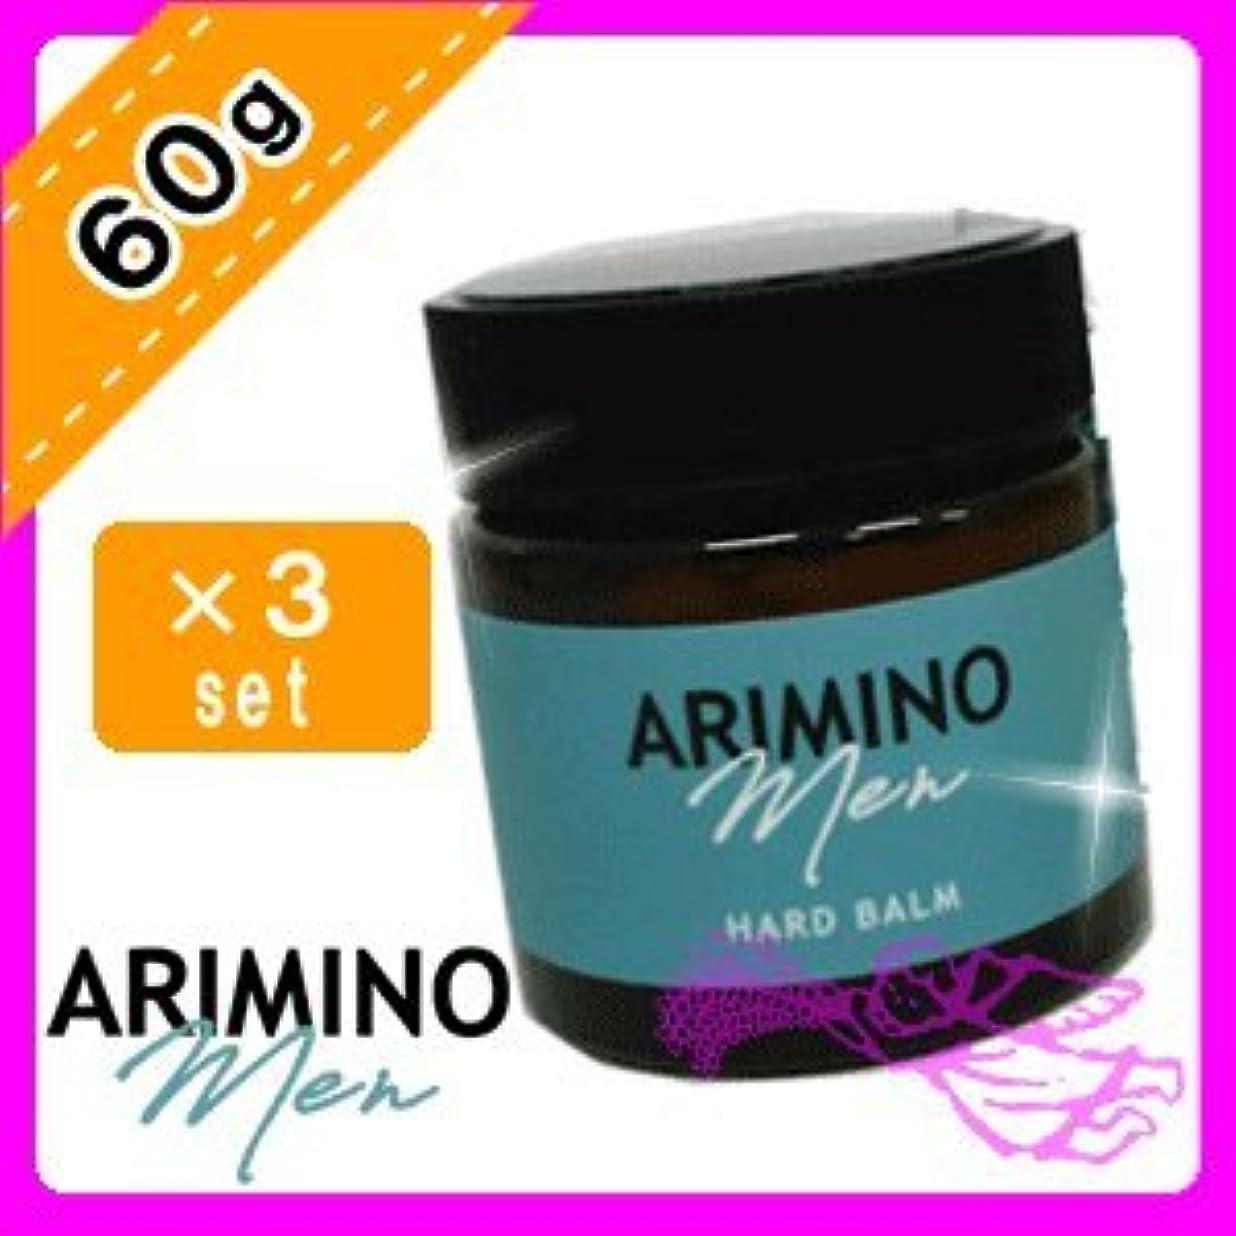 可能性円形の振動するアリミノ メン ハード バーム 60g ×3個 セット arimino men